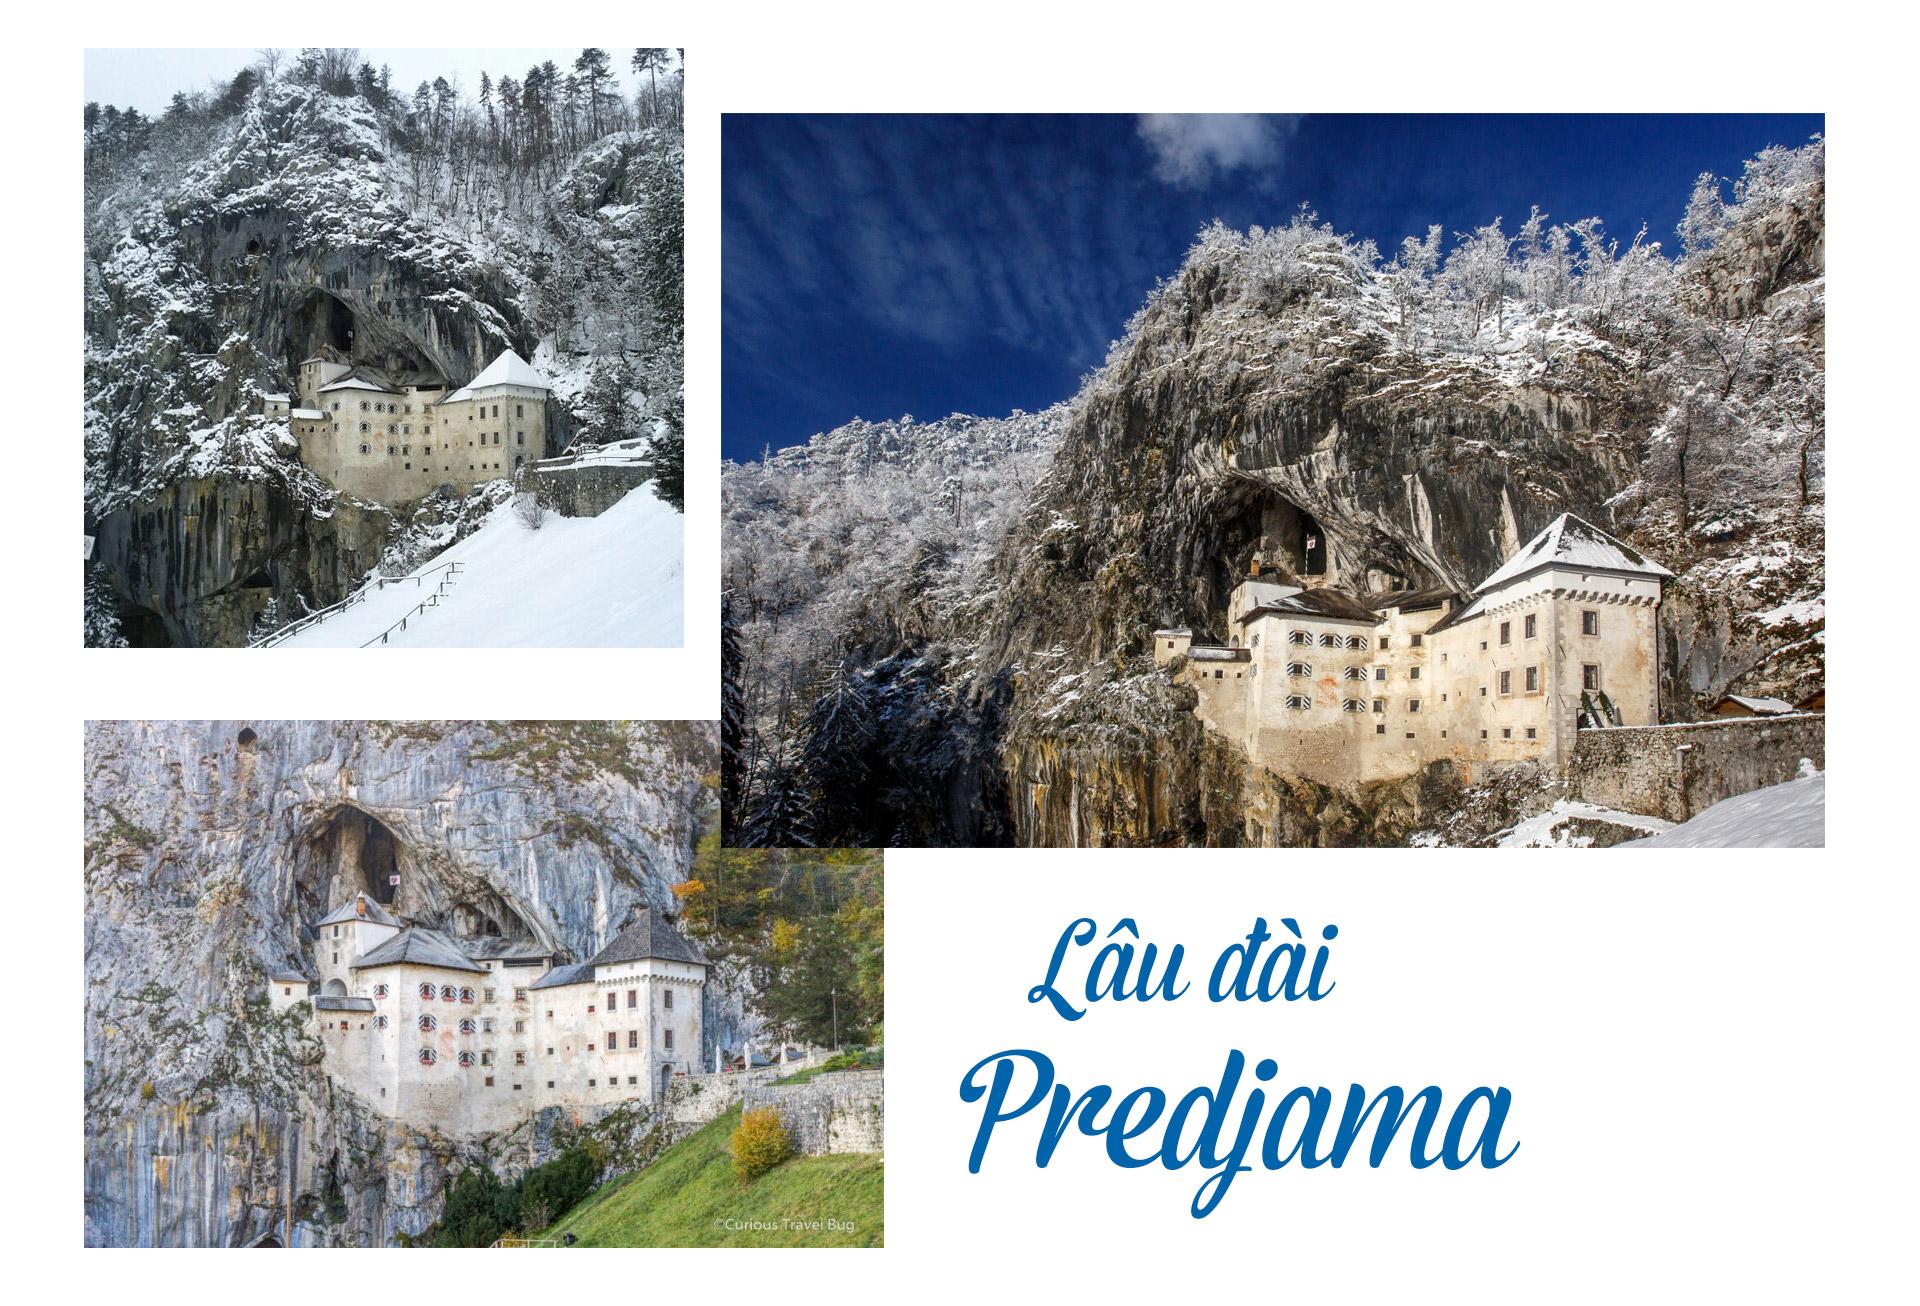 17 lâu đài cổ tích châu Âu đáng đến thăm vào mùa đông - 9